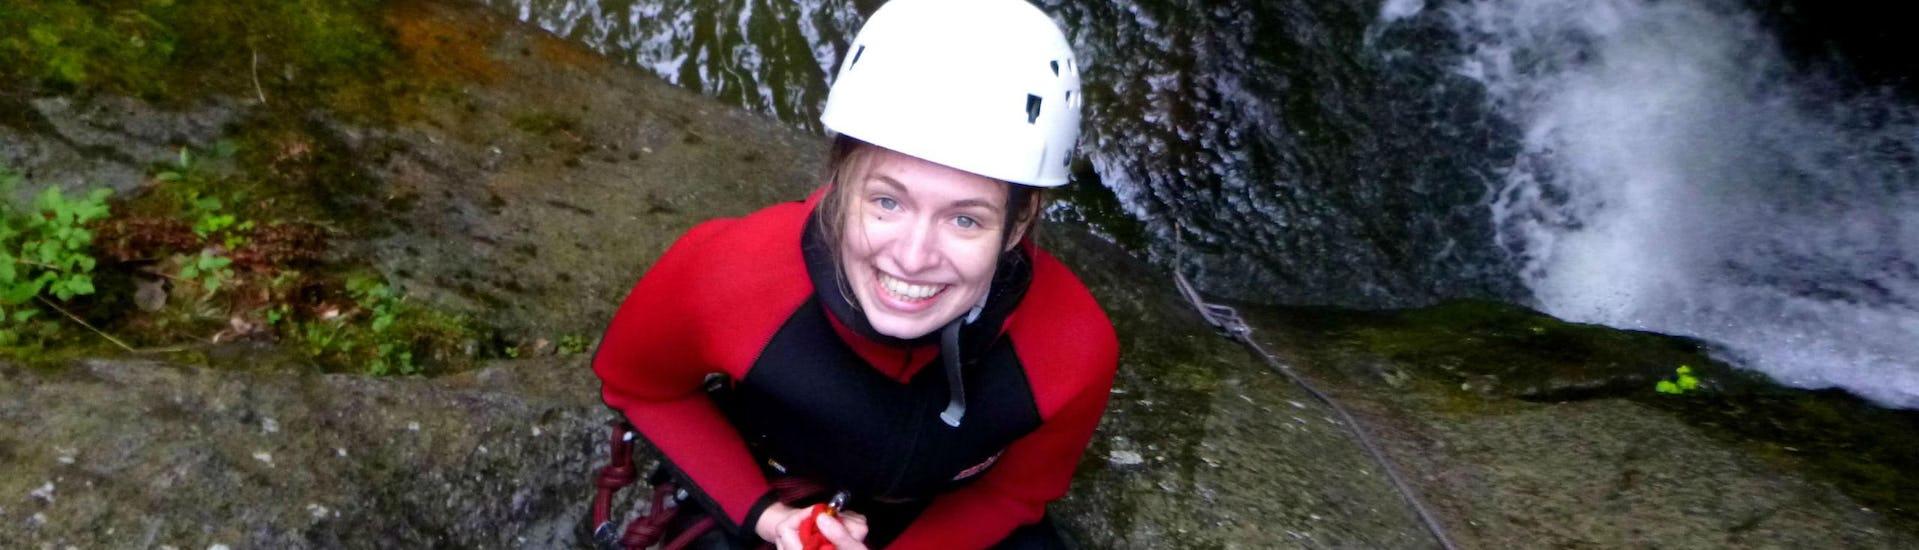 Eine junge Frau seilt sich beim Canyoning im Ötztal entlang einer Felswand ab.